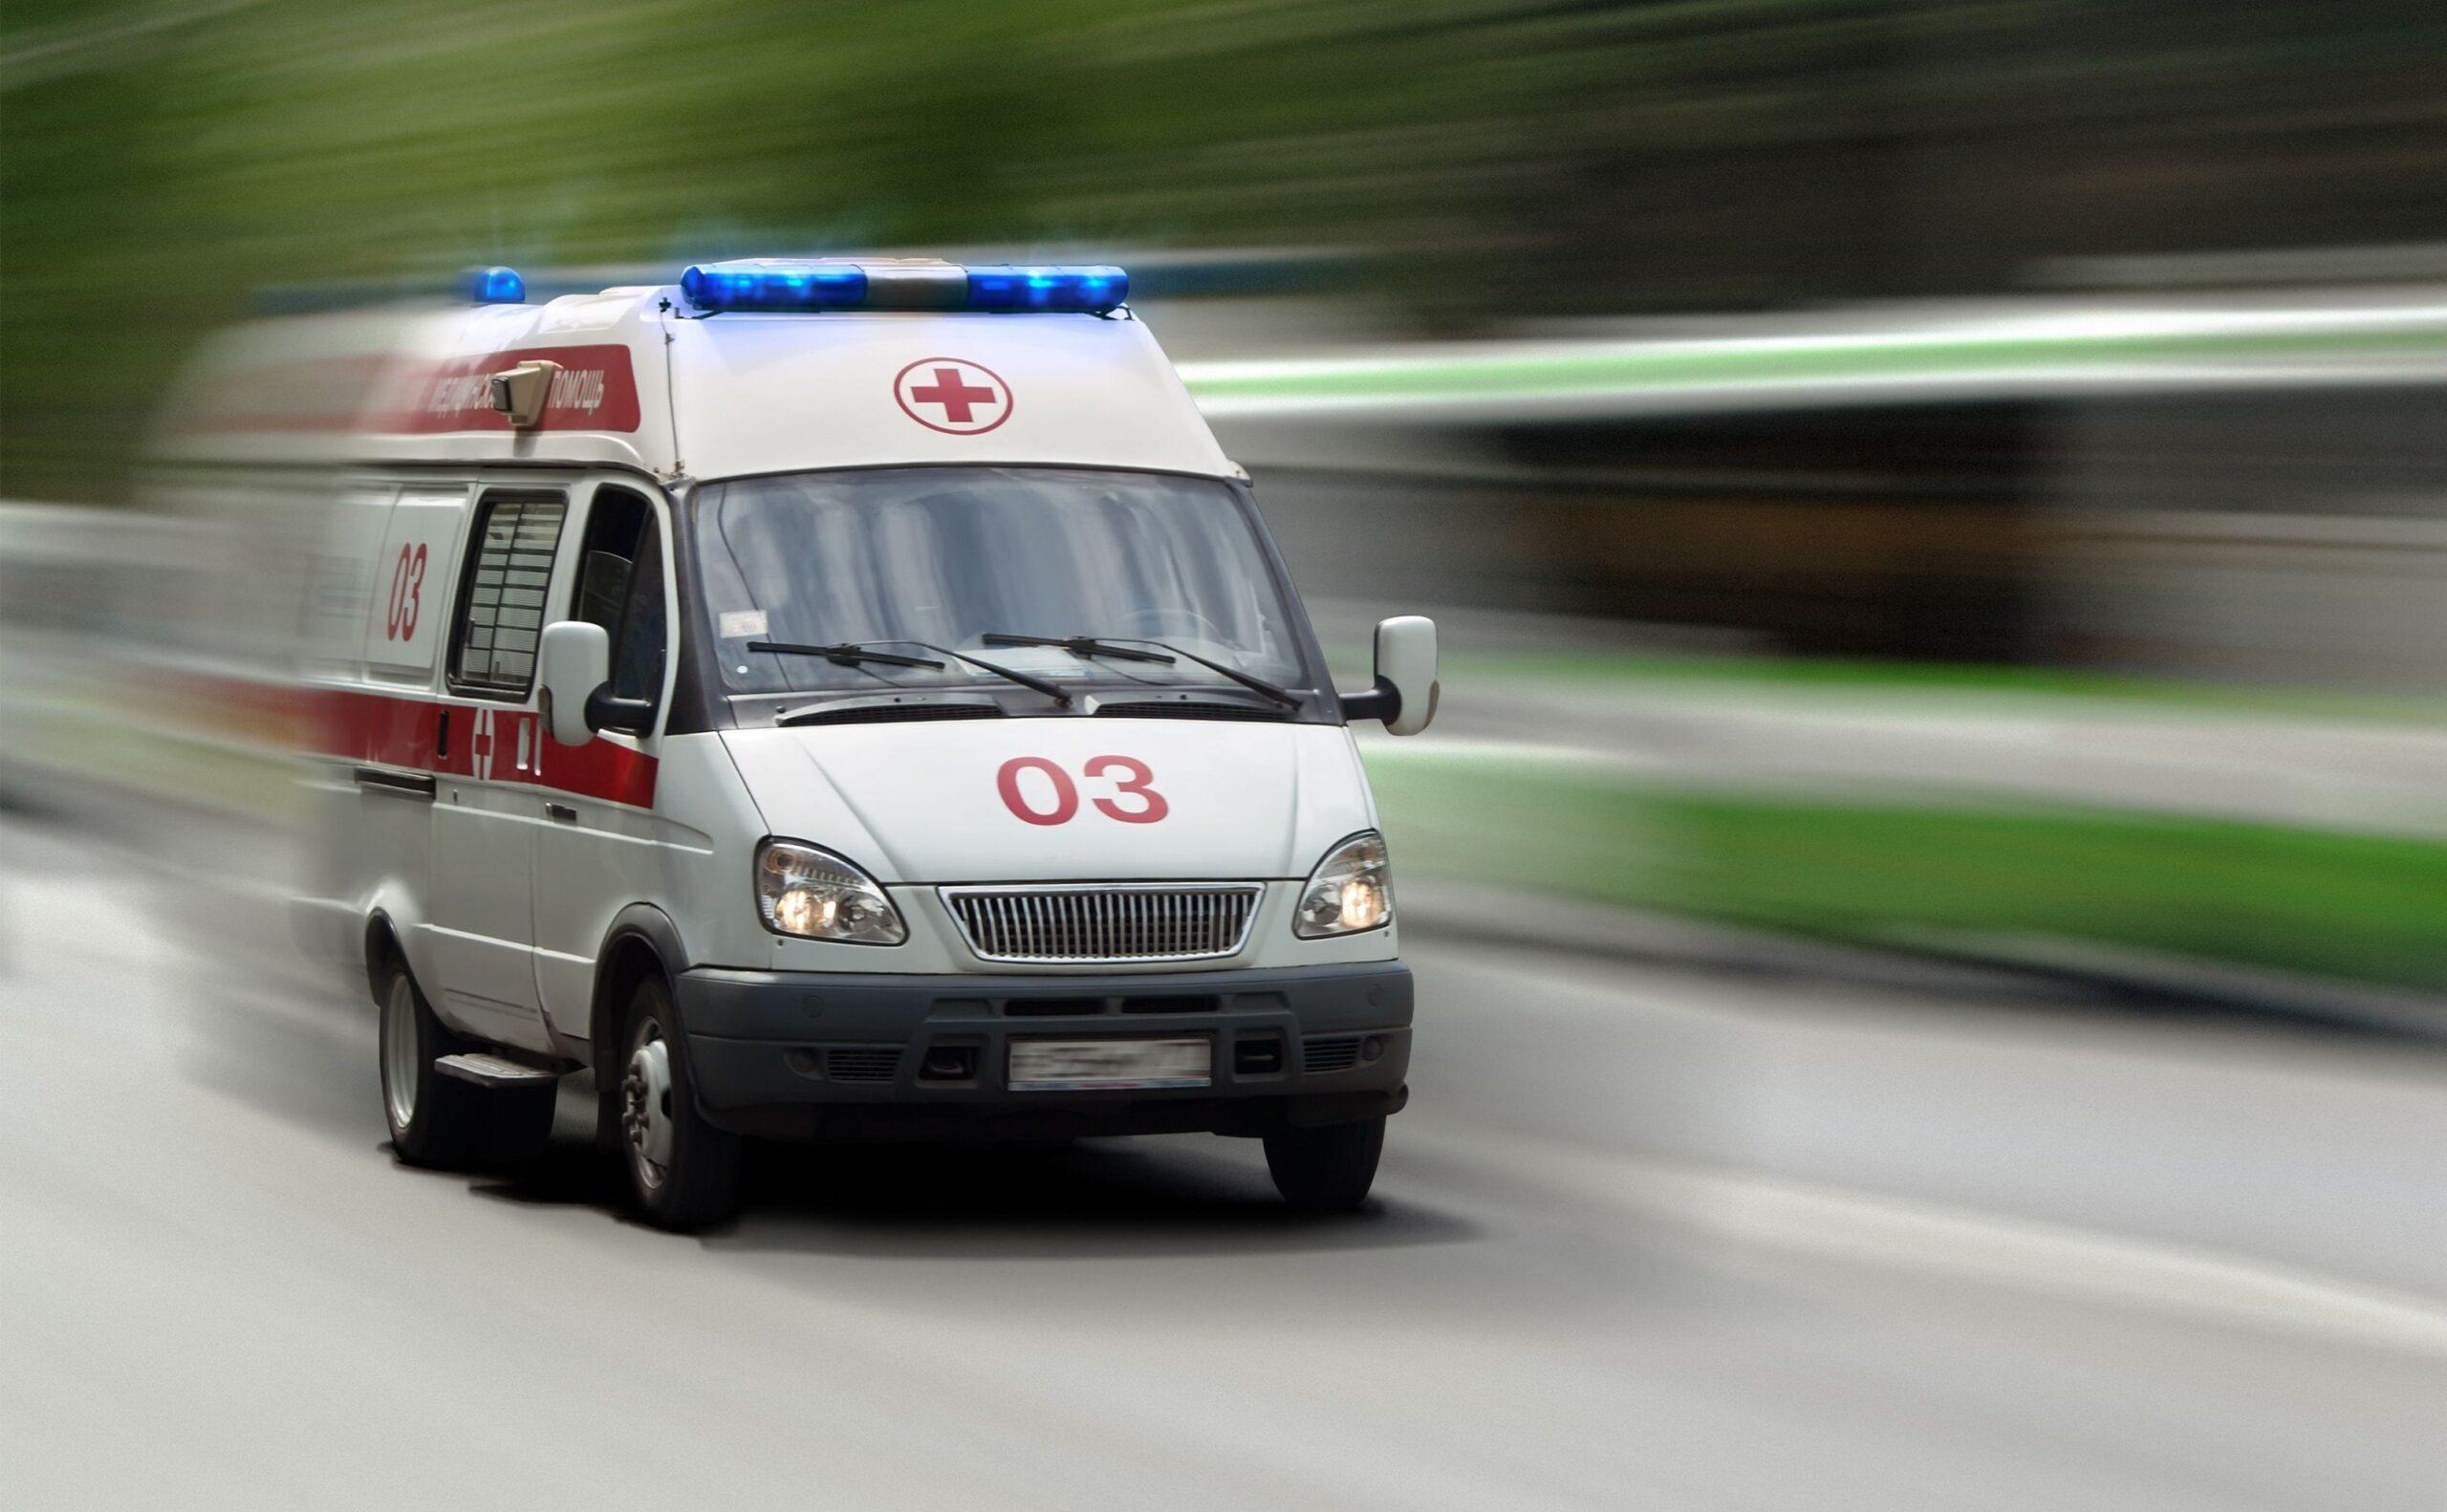 Сбившая пешехода скорая помощь везла хирурга на операцию